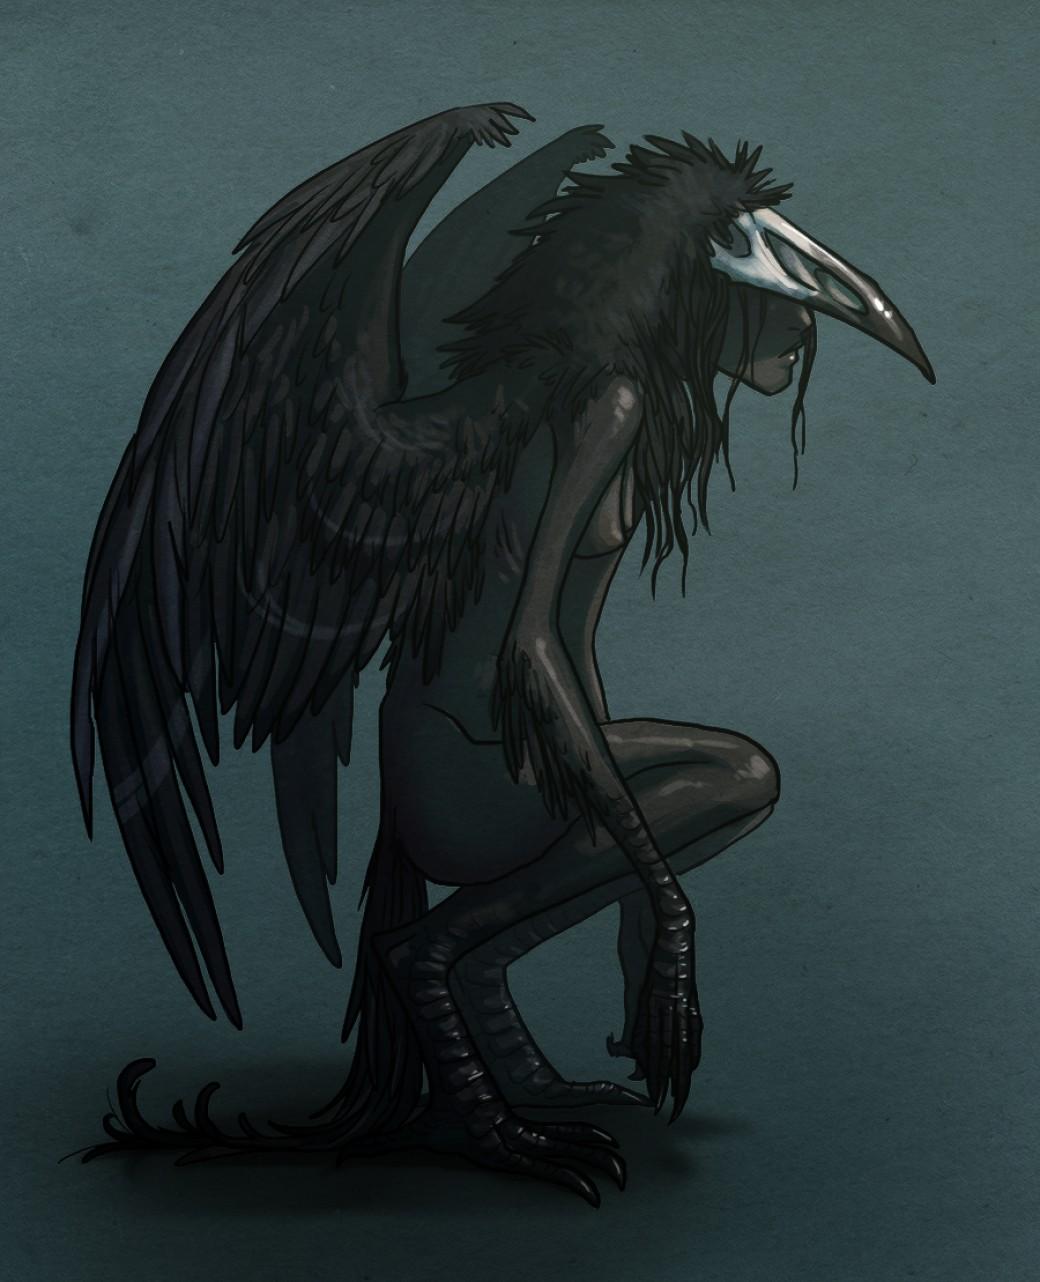 harpy por hellodingo